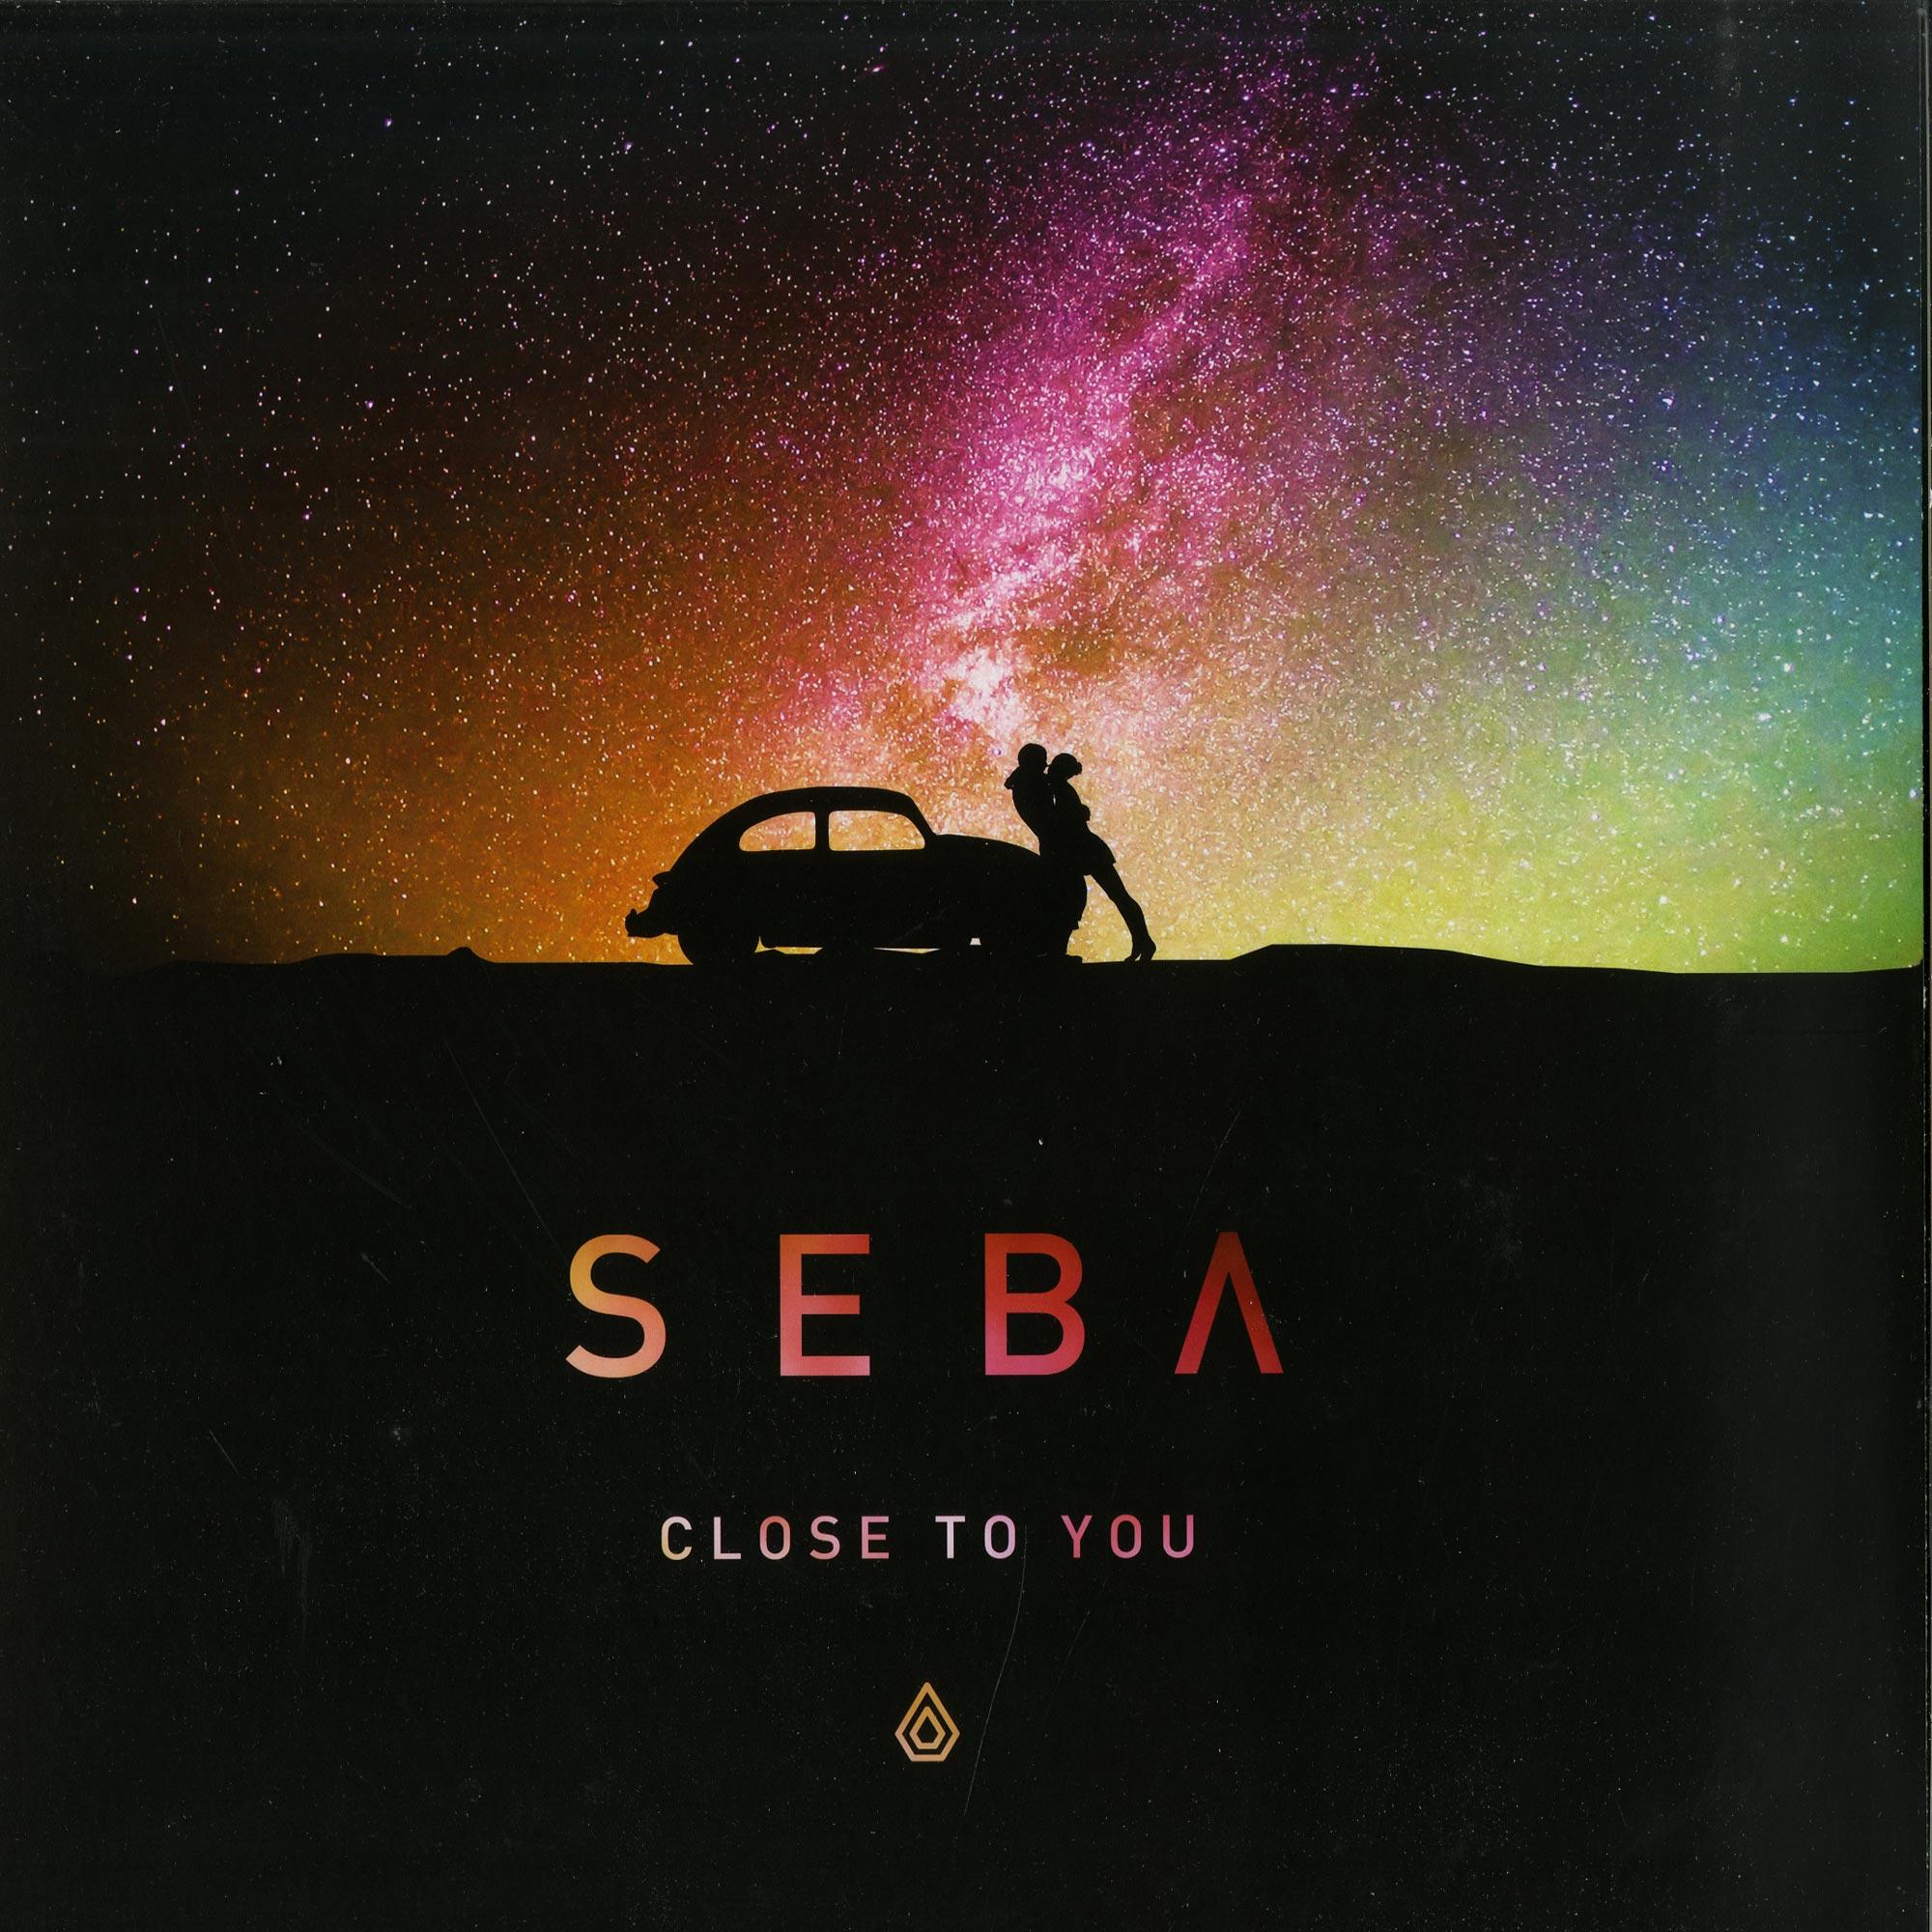 Seba - CLOSE TO YOU